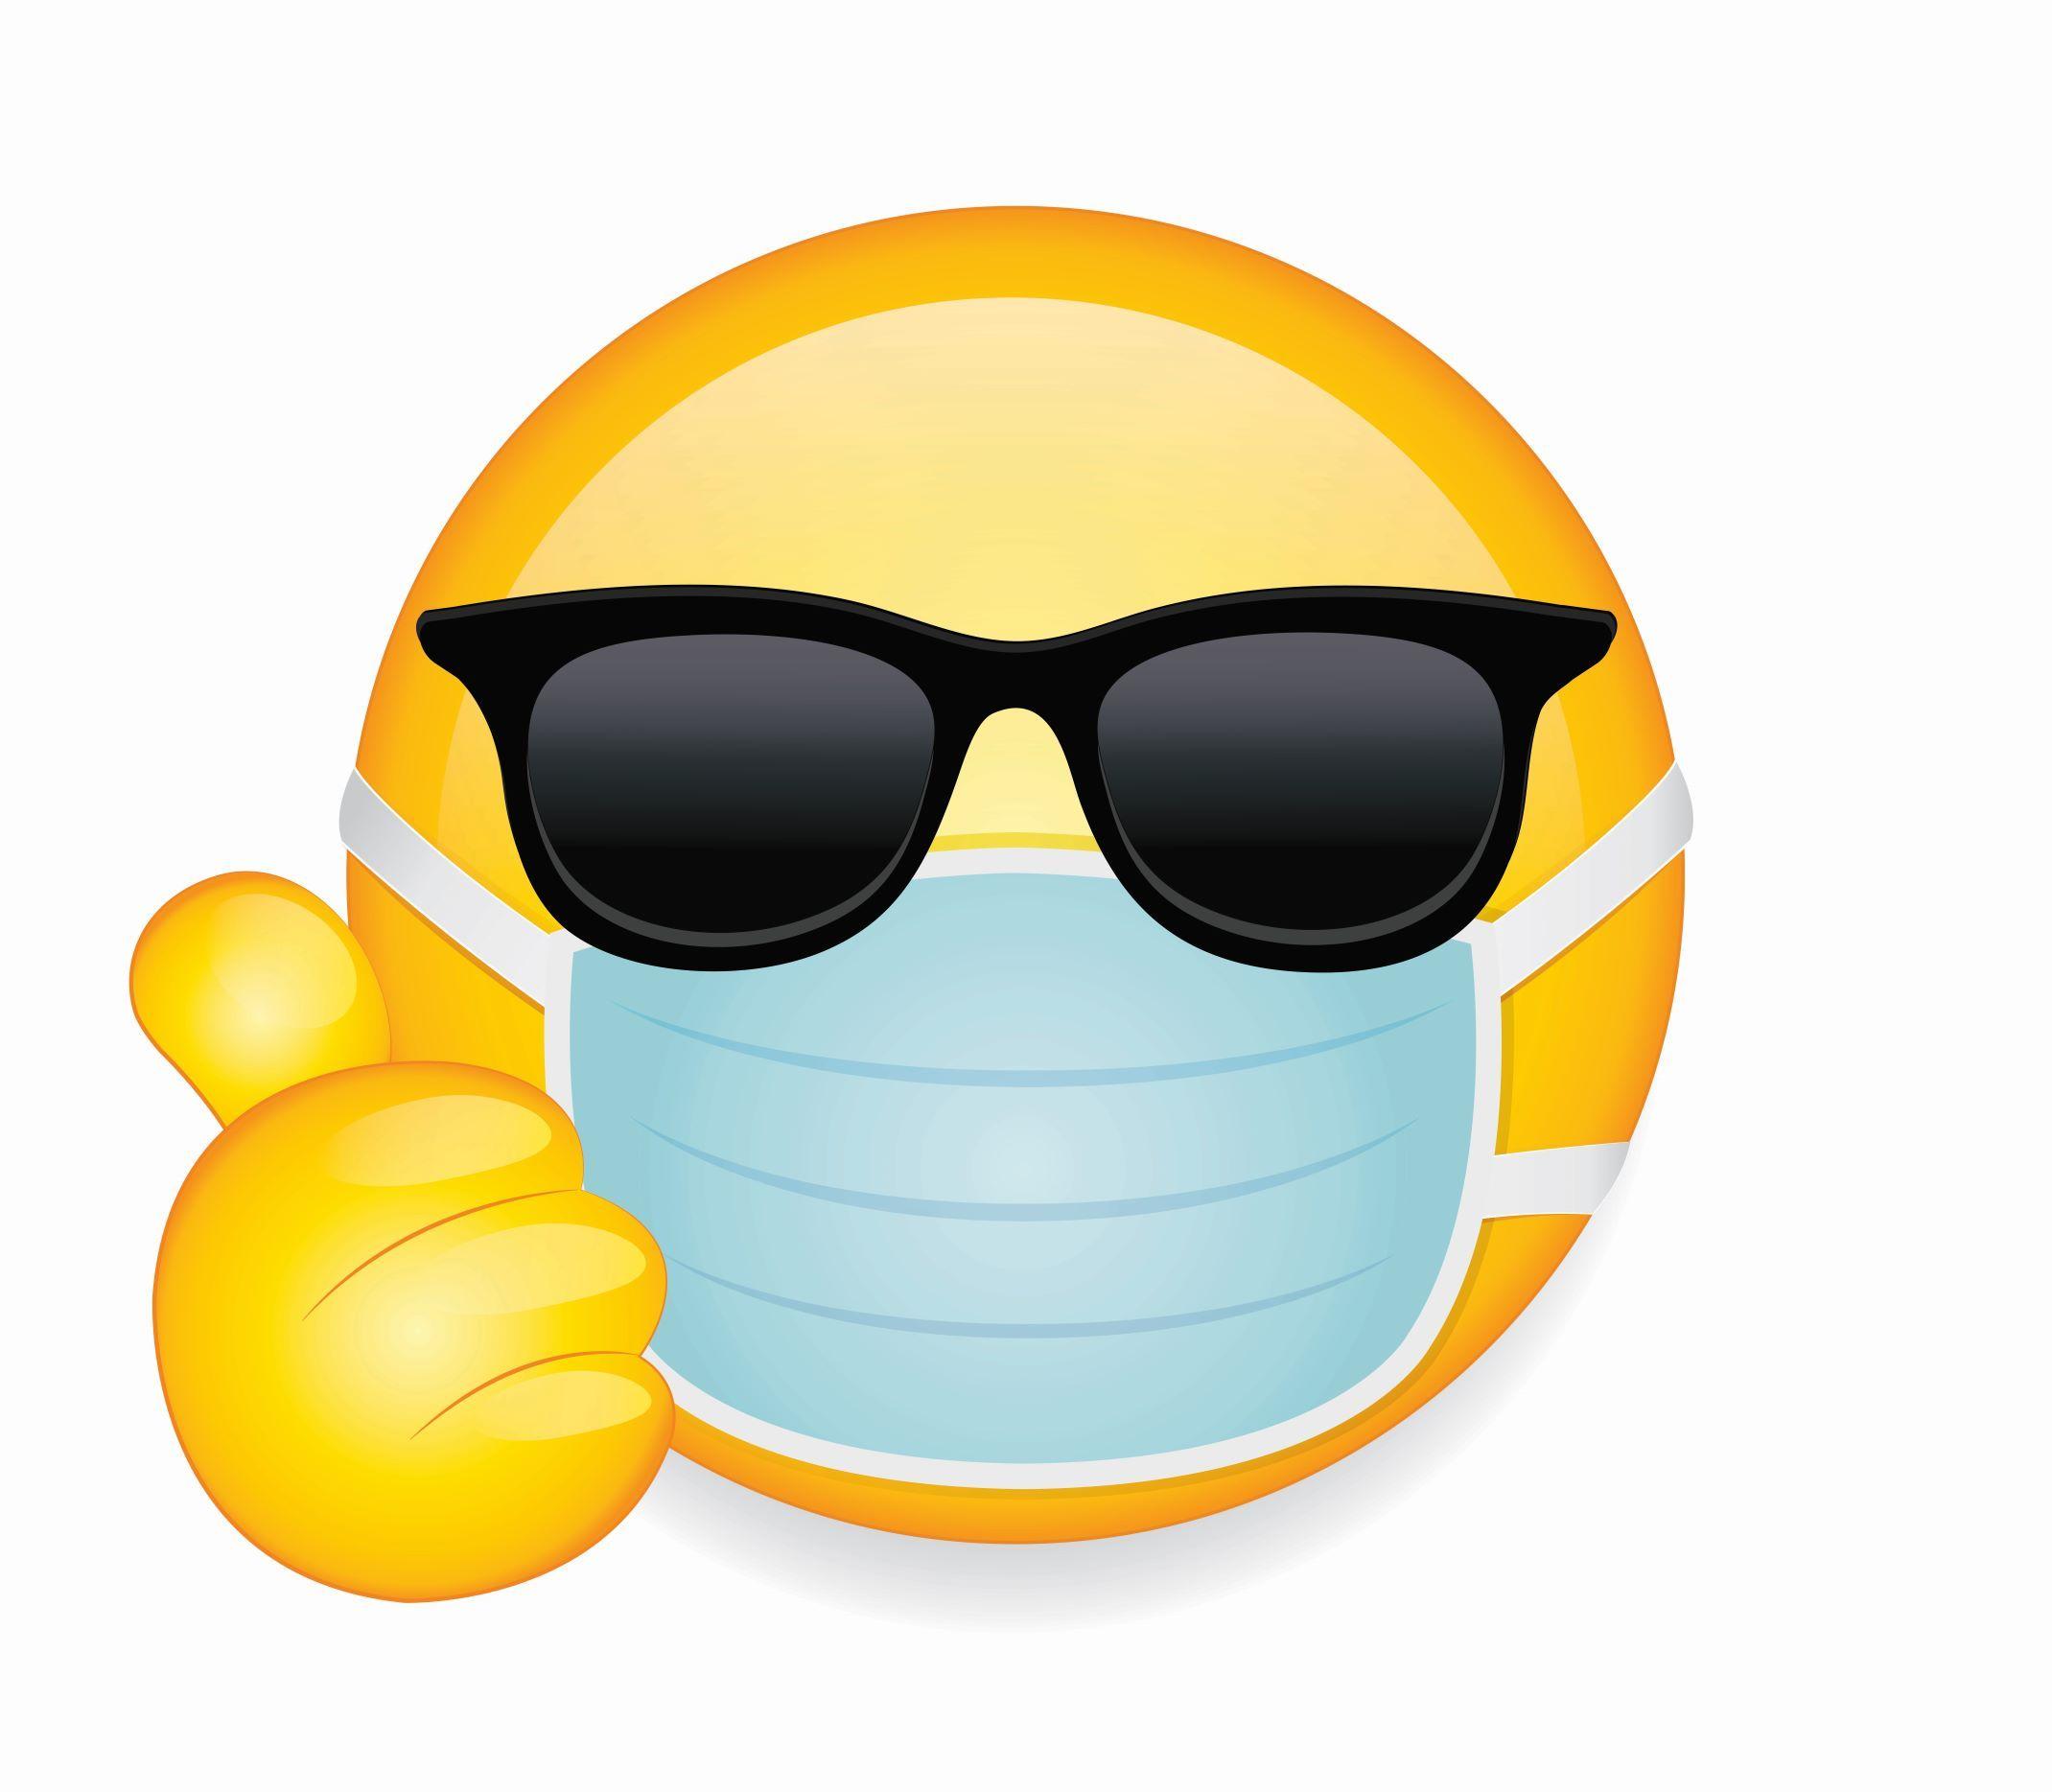 Cool Mask Emoji in 2020 Sick emoji, Emoji, Emoji wallpaper